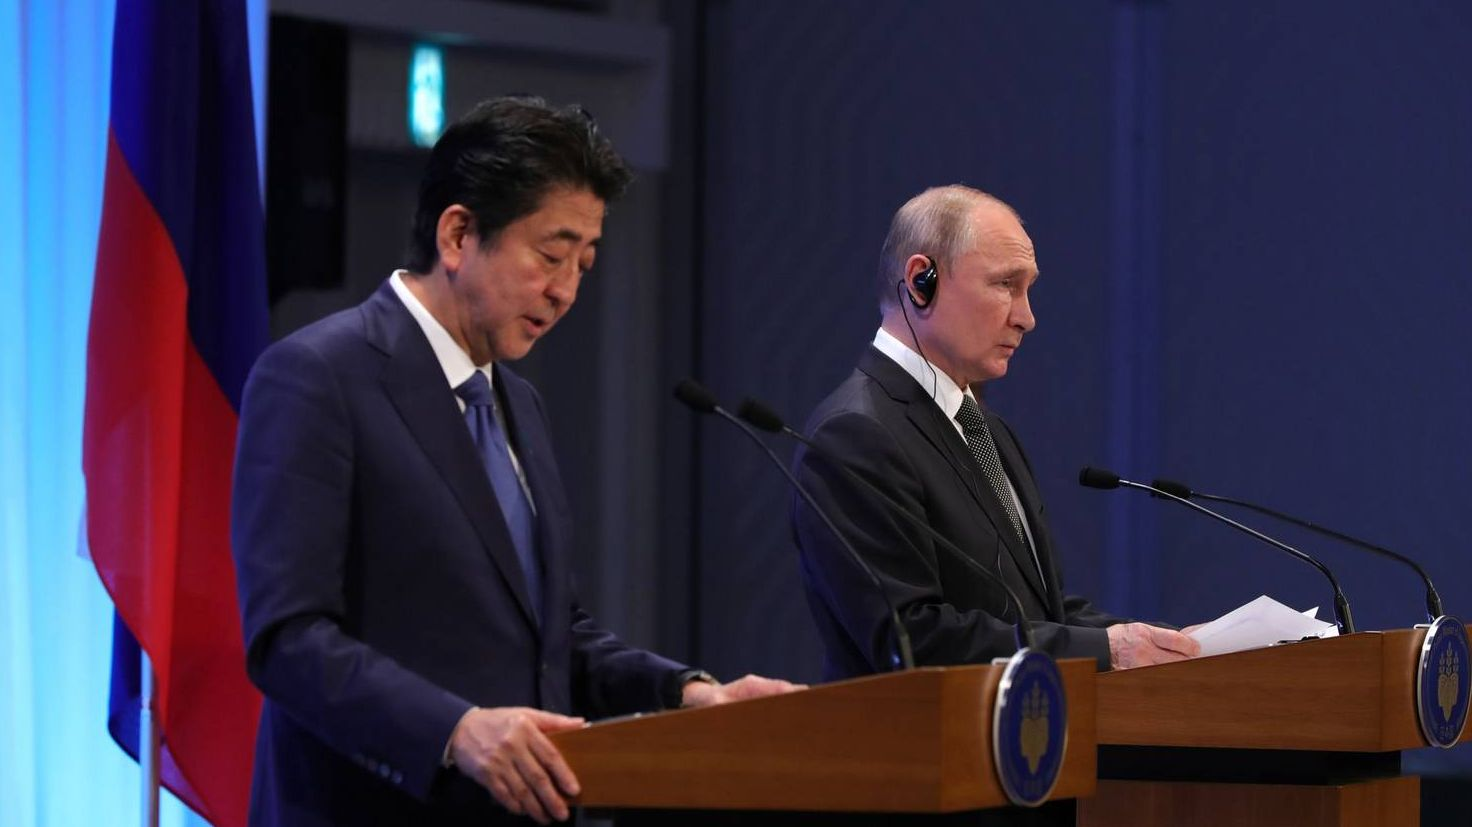 Заявления для прессы по итогам переговоров Владимира Путина с Премьер-министром Японии Синдзо Абэ.